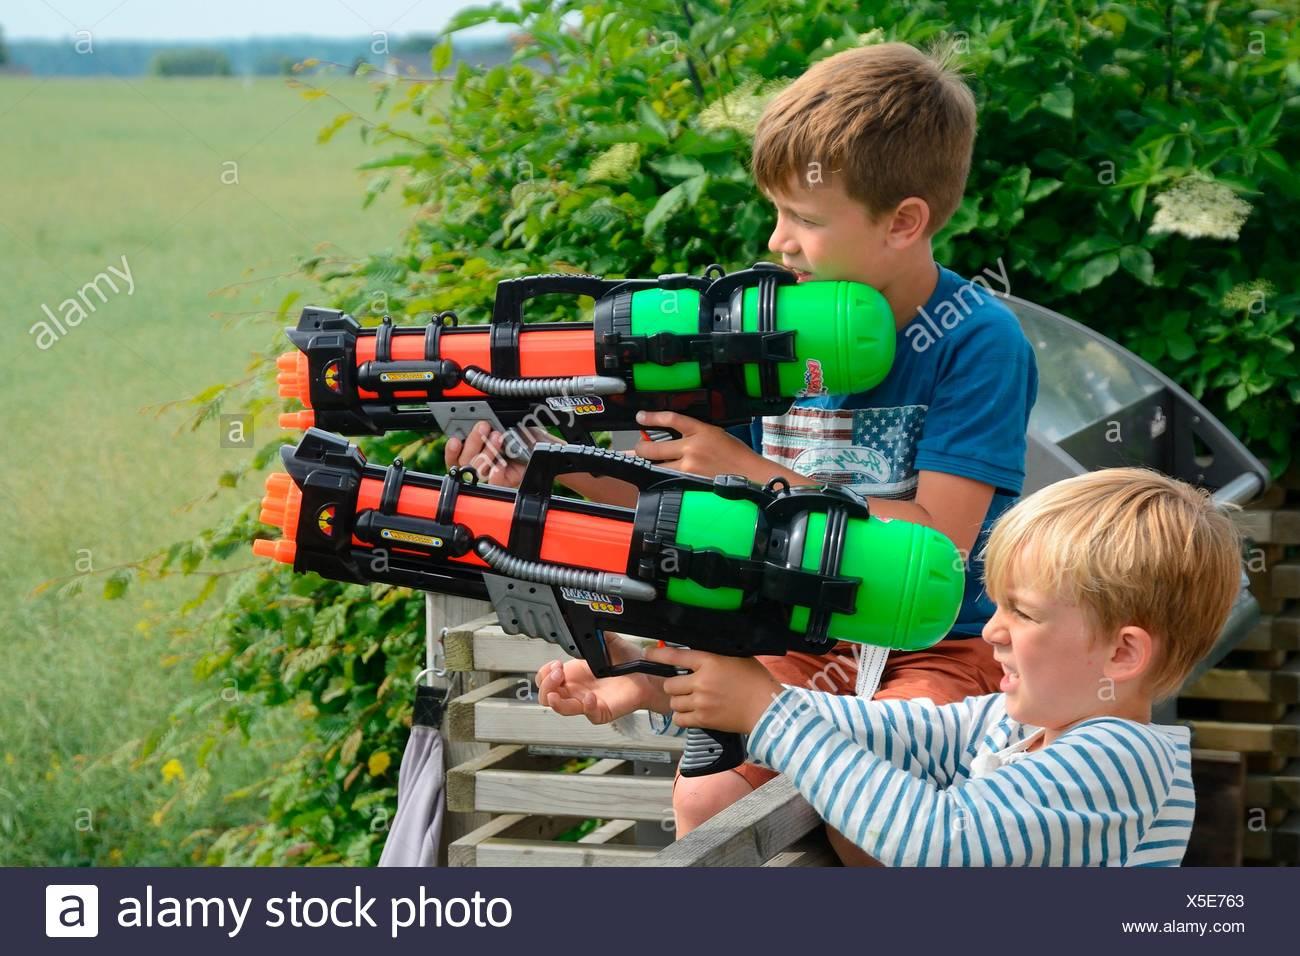 8 Y AñosJugando 6 JugueteSuecia Pistolas Dos Con NiñosDe UzLGqMpSV